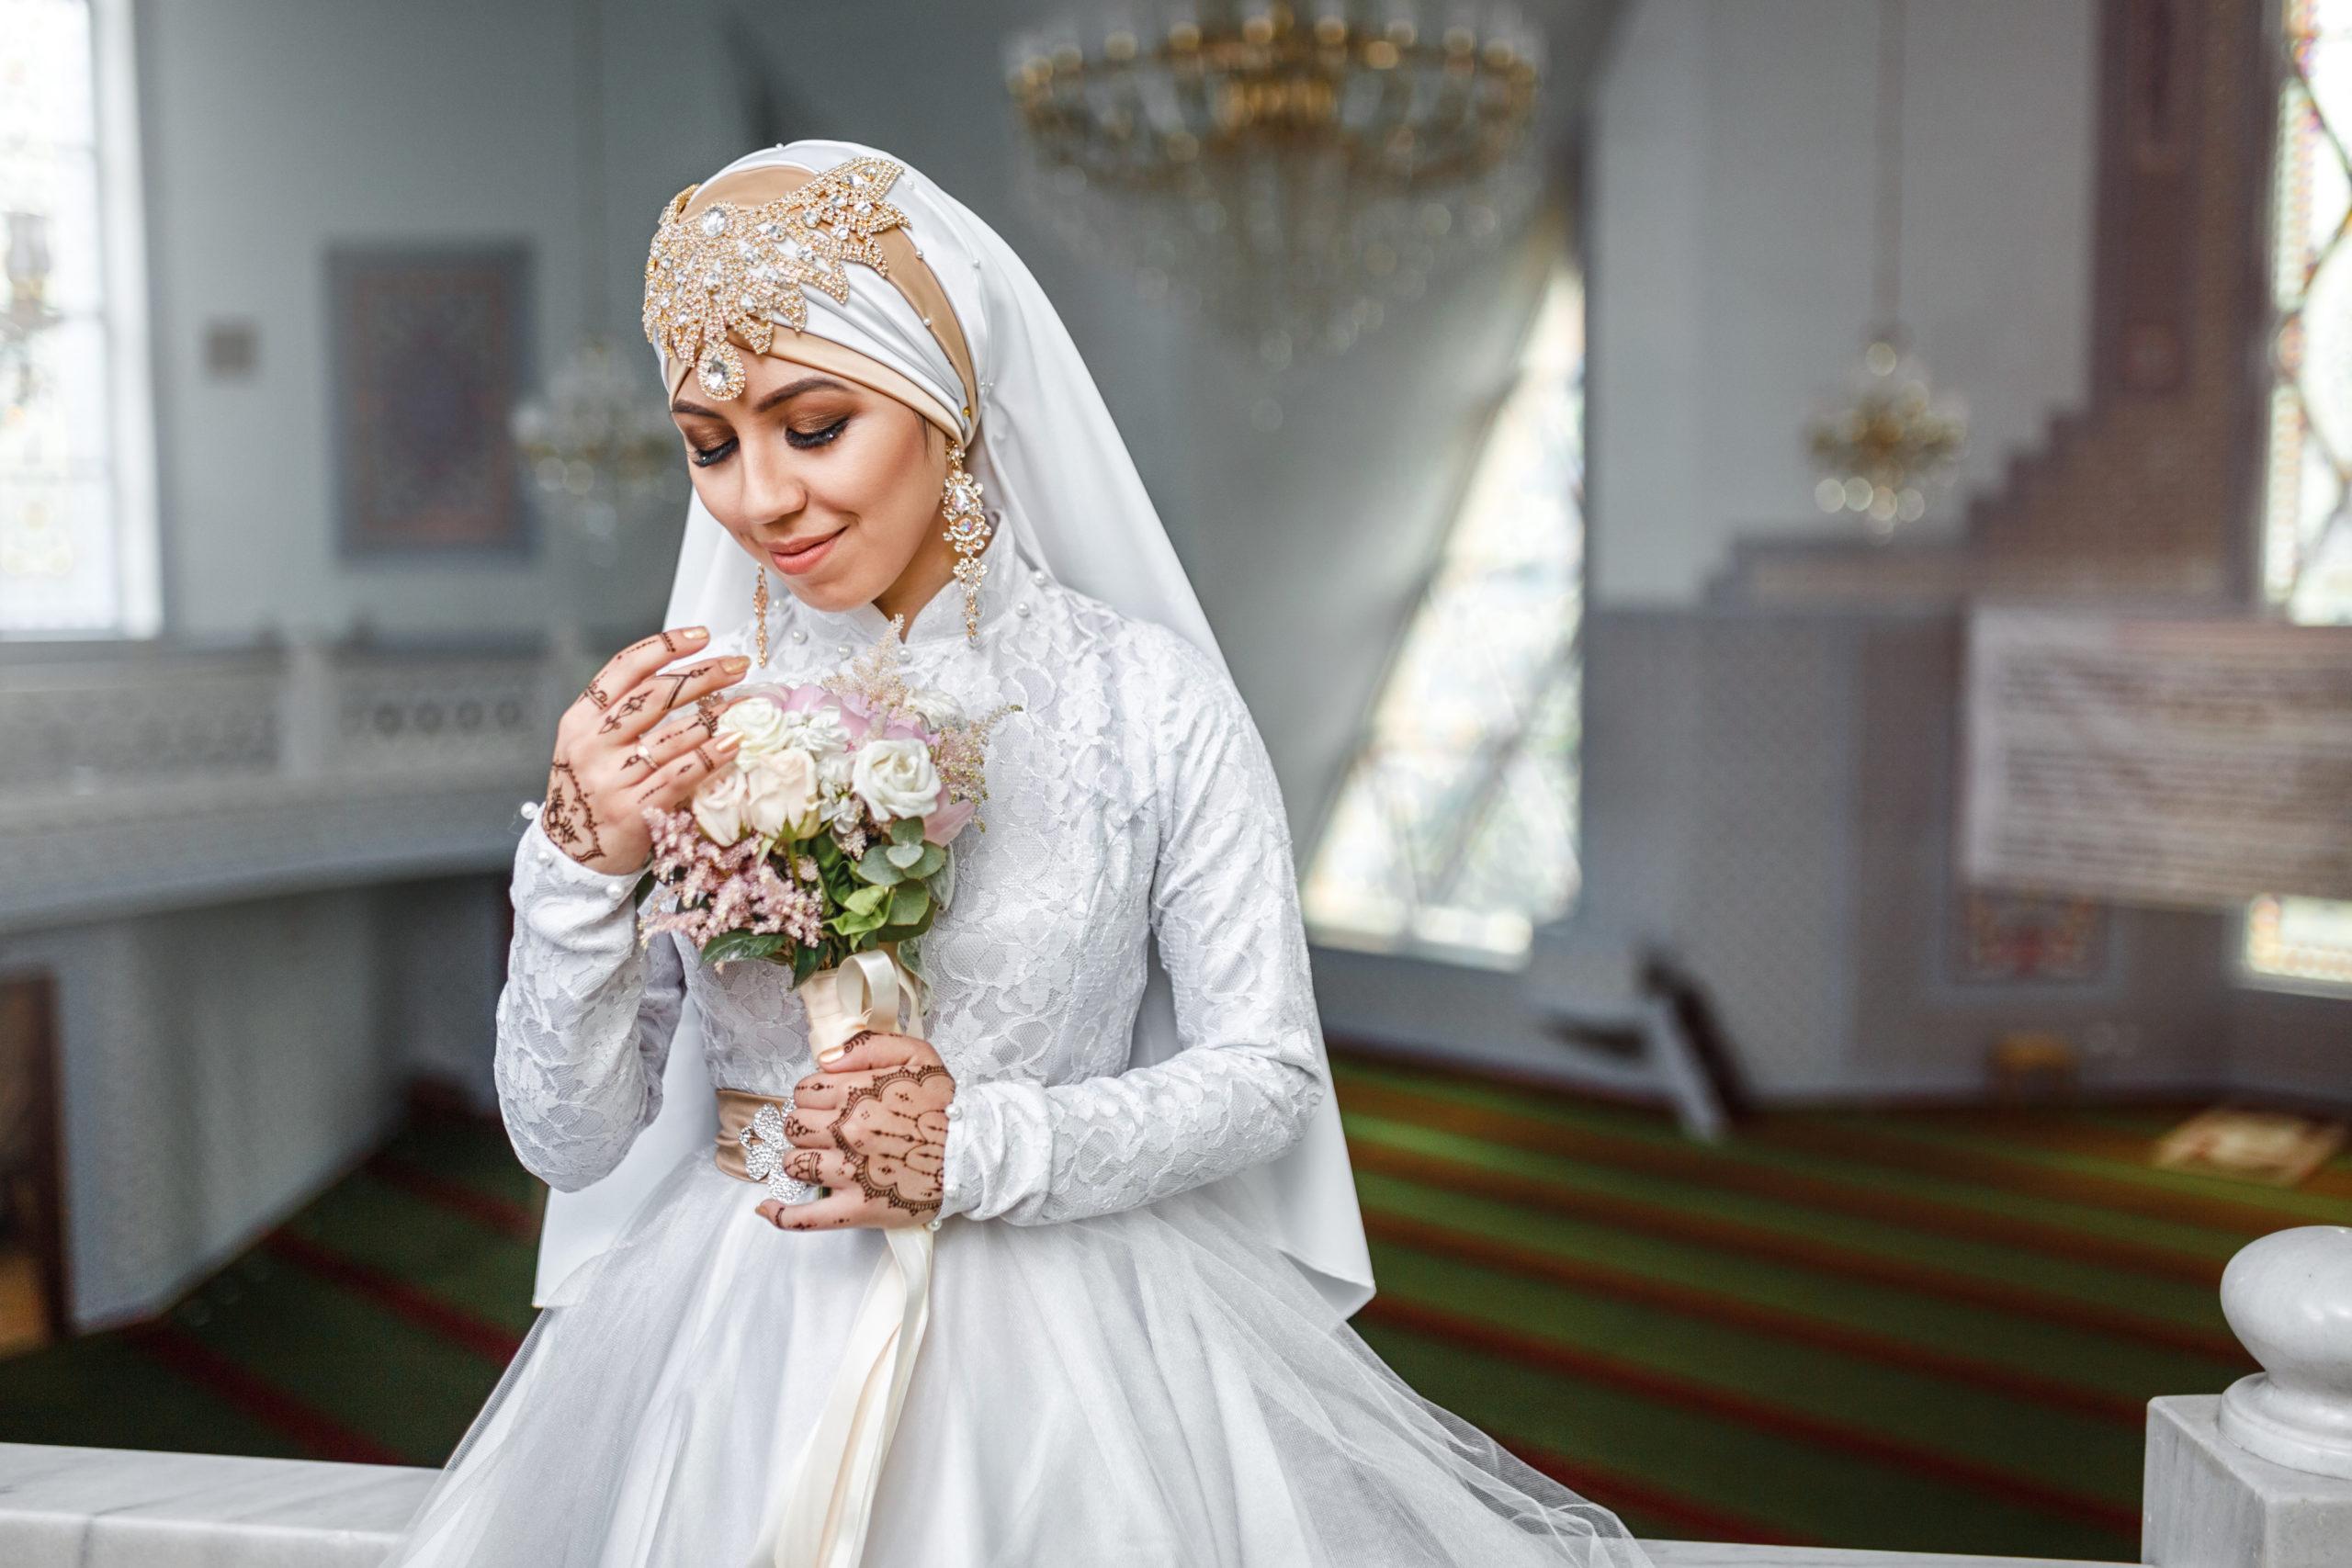 Türkische Hochzeit – eine Hochzeitszeremonie voller Bräuche